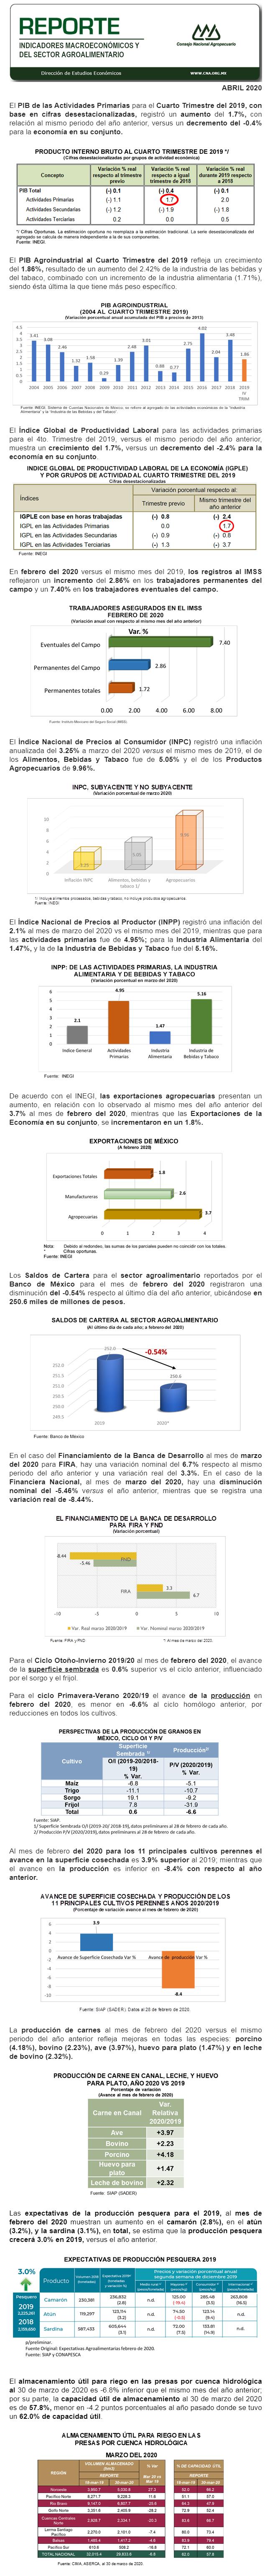 Reporte de Indicadores Macroeconómicos y Sectoriales del Sector Abril 2020